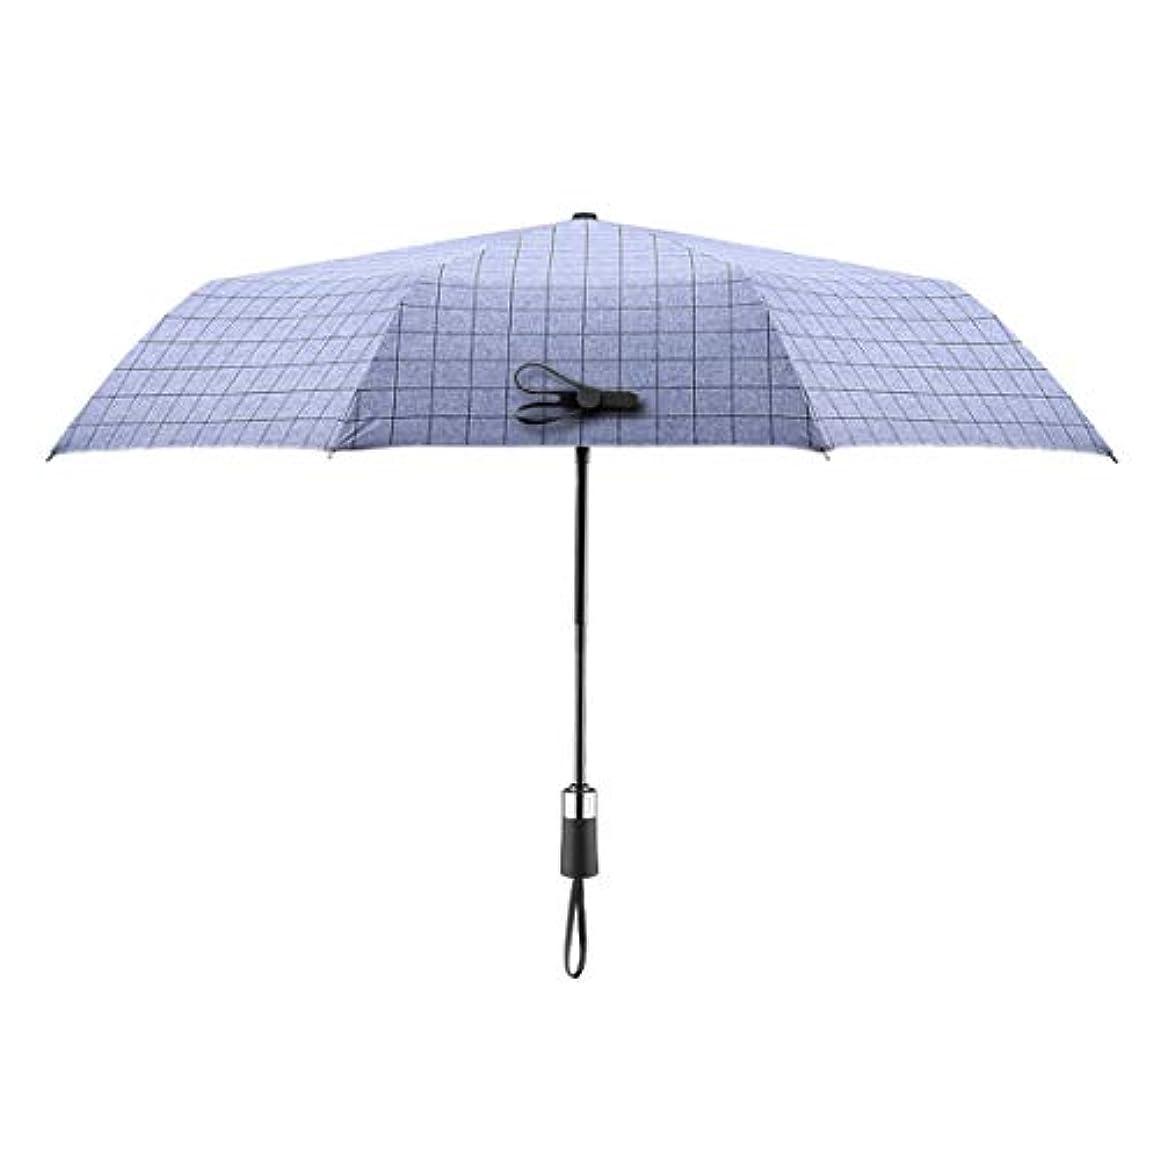 噴水サージグリップHOHYLLYA ポータブルコンパクト旅行傘紫外線保護防風日焼け止め傘自動開閉折りたたみ傘 sunshade (色 : 青)